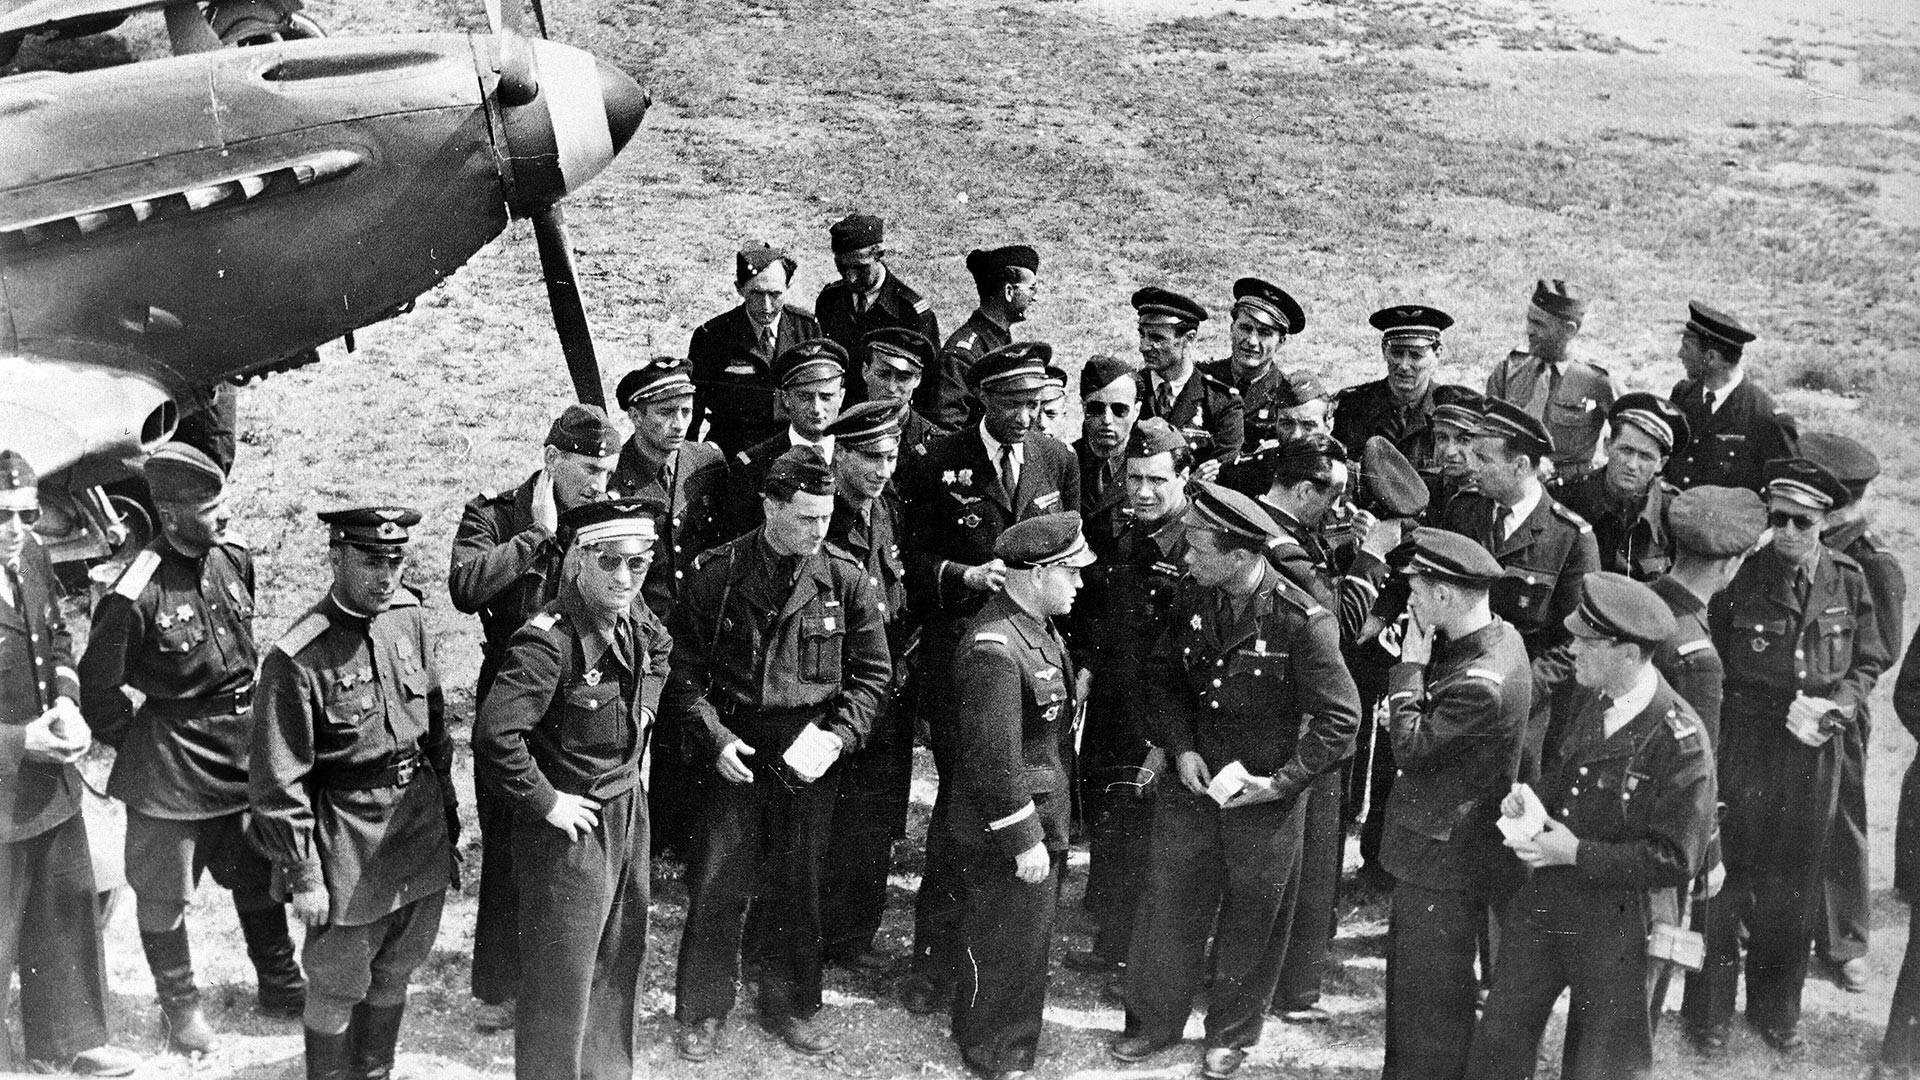 Пилоты авиаполка «Нормандия-Неман».